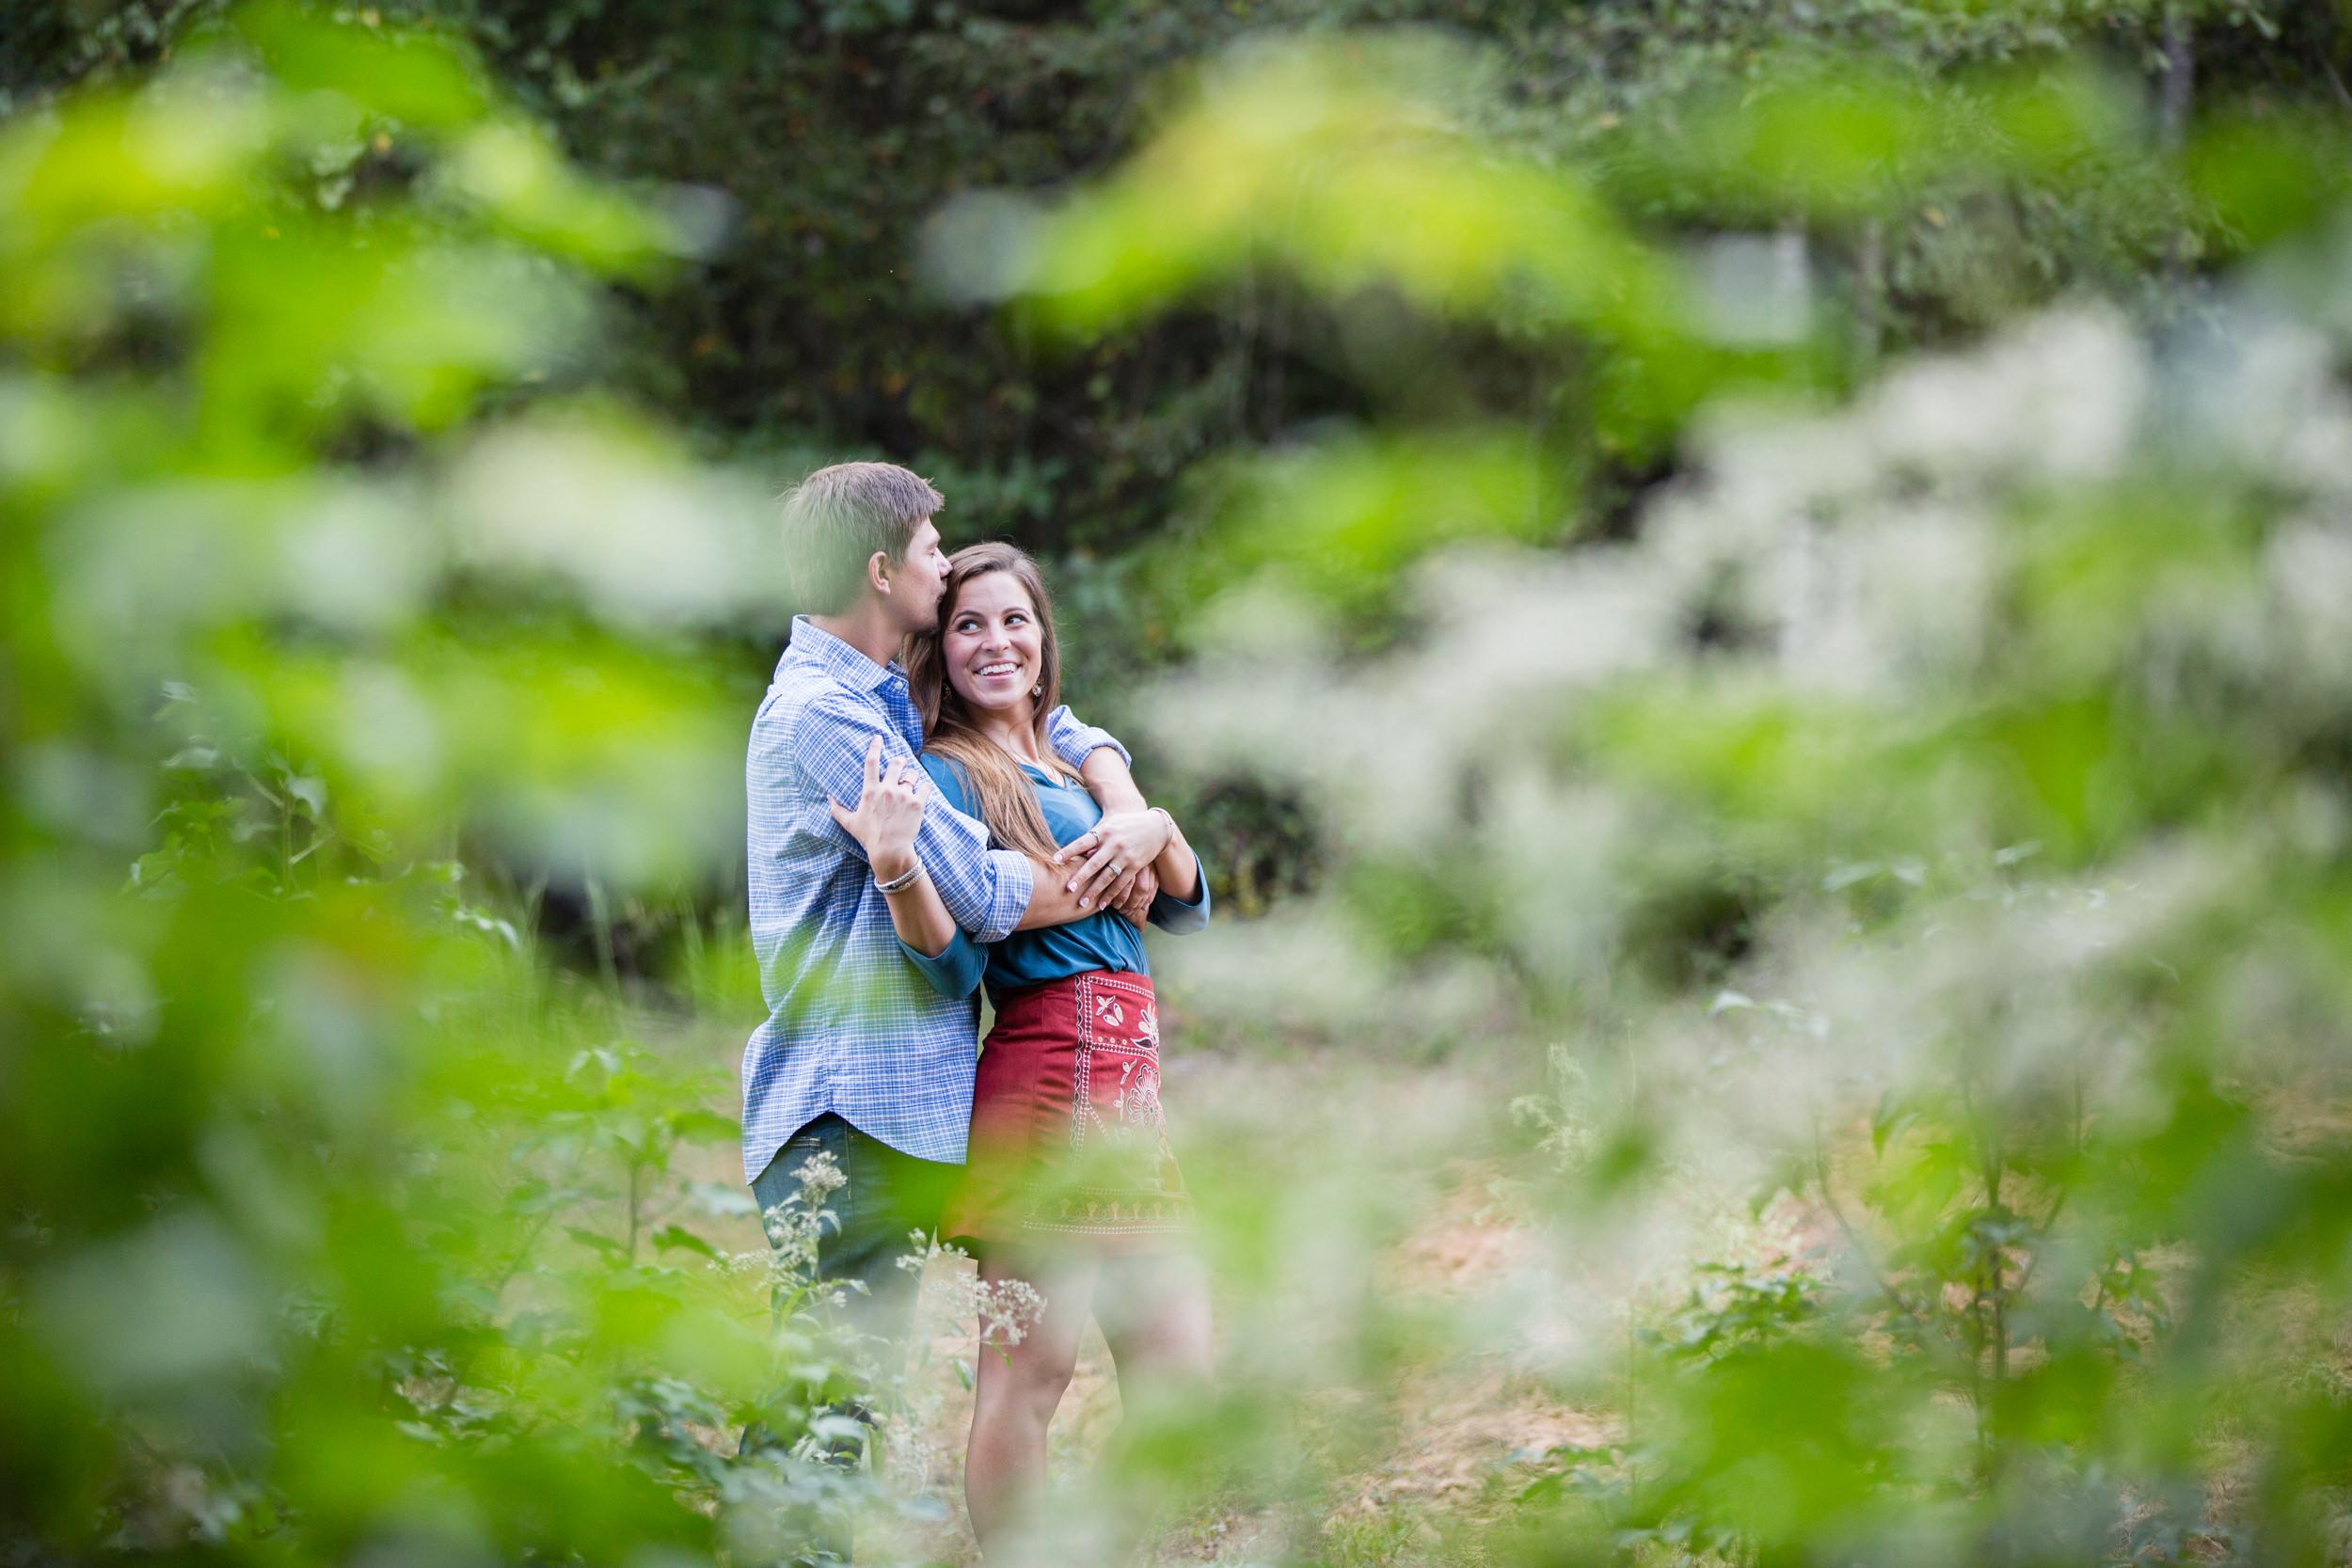 HB_Engagement-011-2.jpg